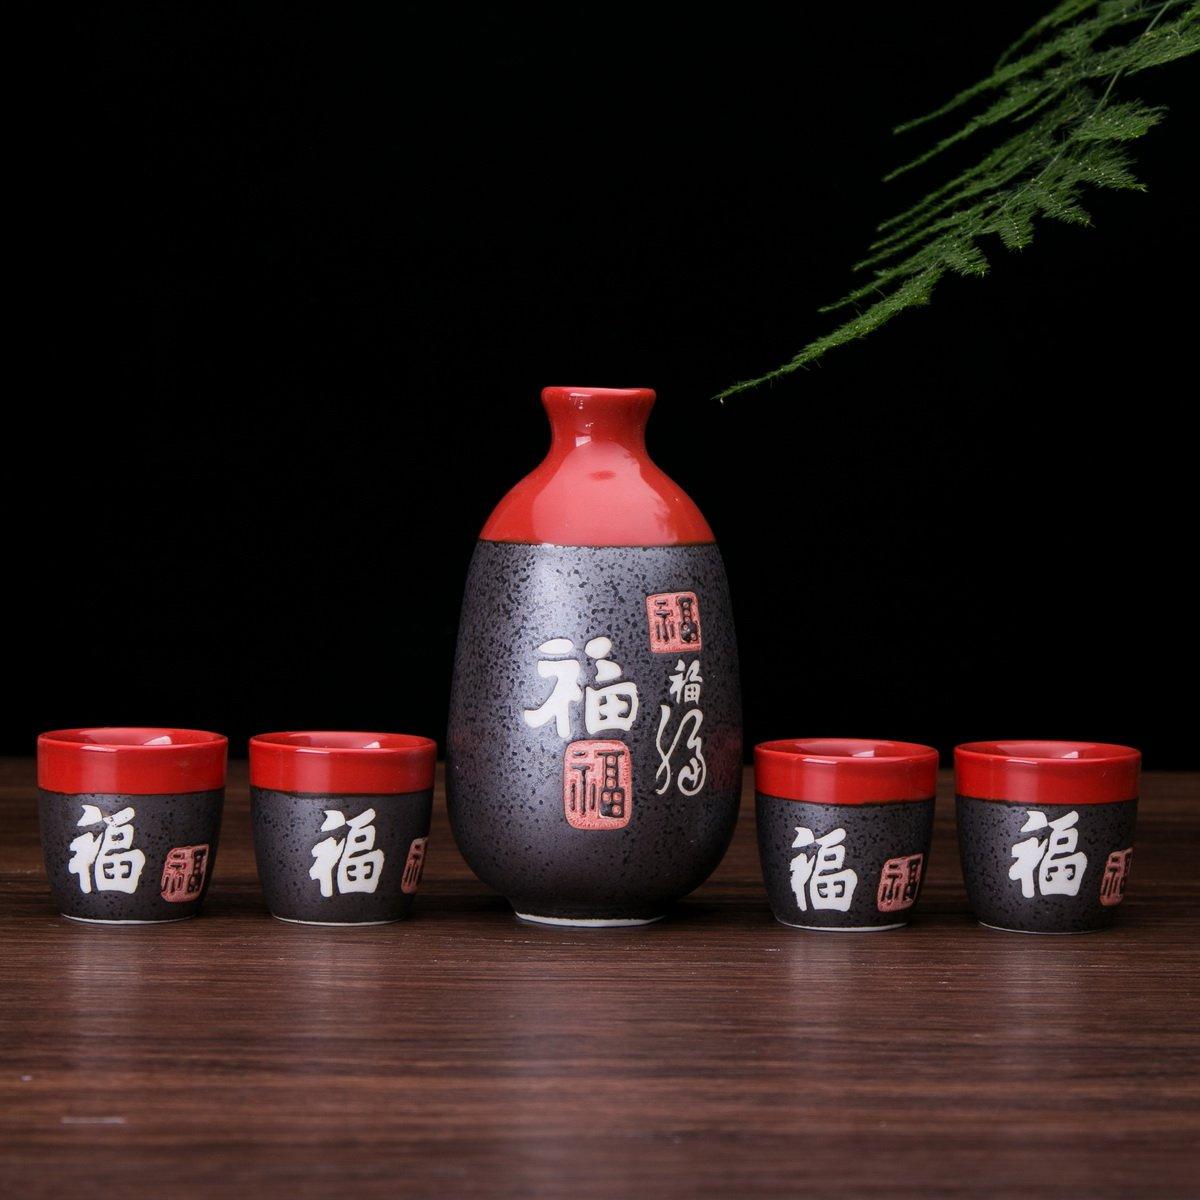 Glazed Ceramic 5 Pcs Japanese Sake Set Chinese